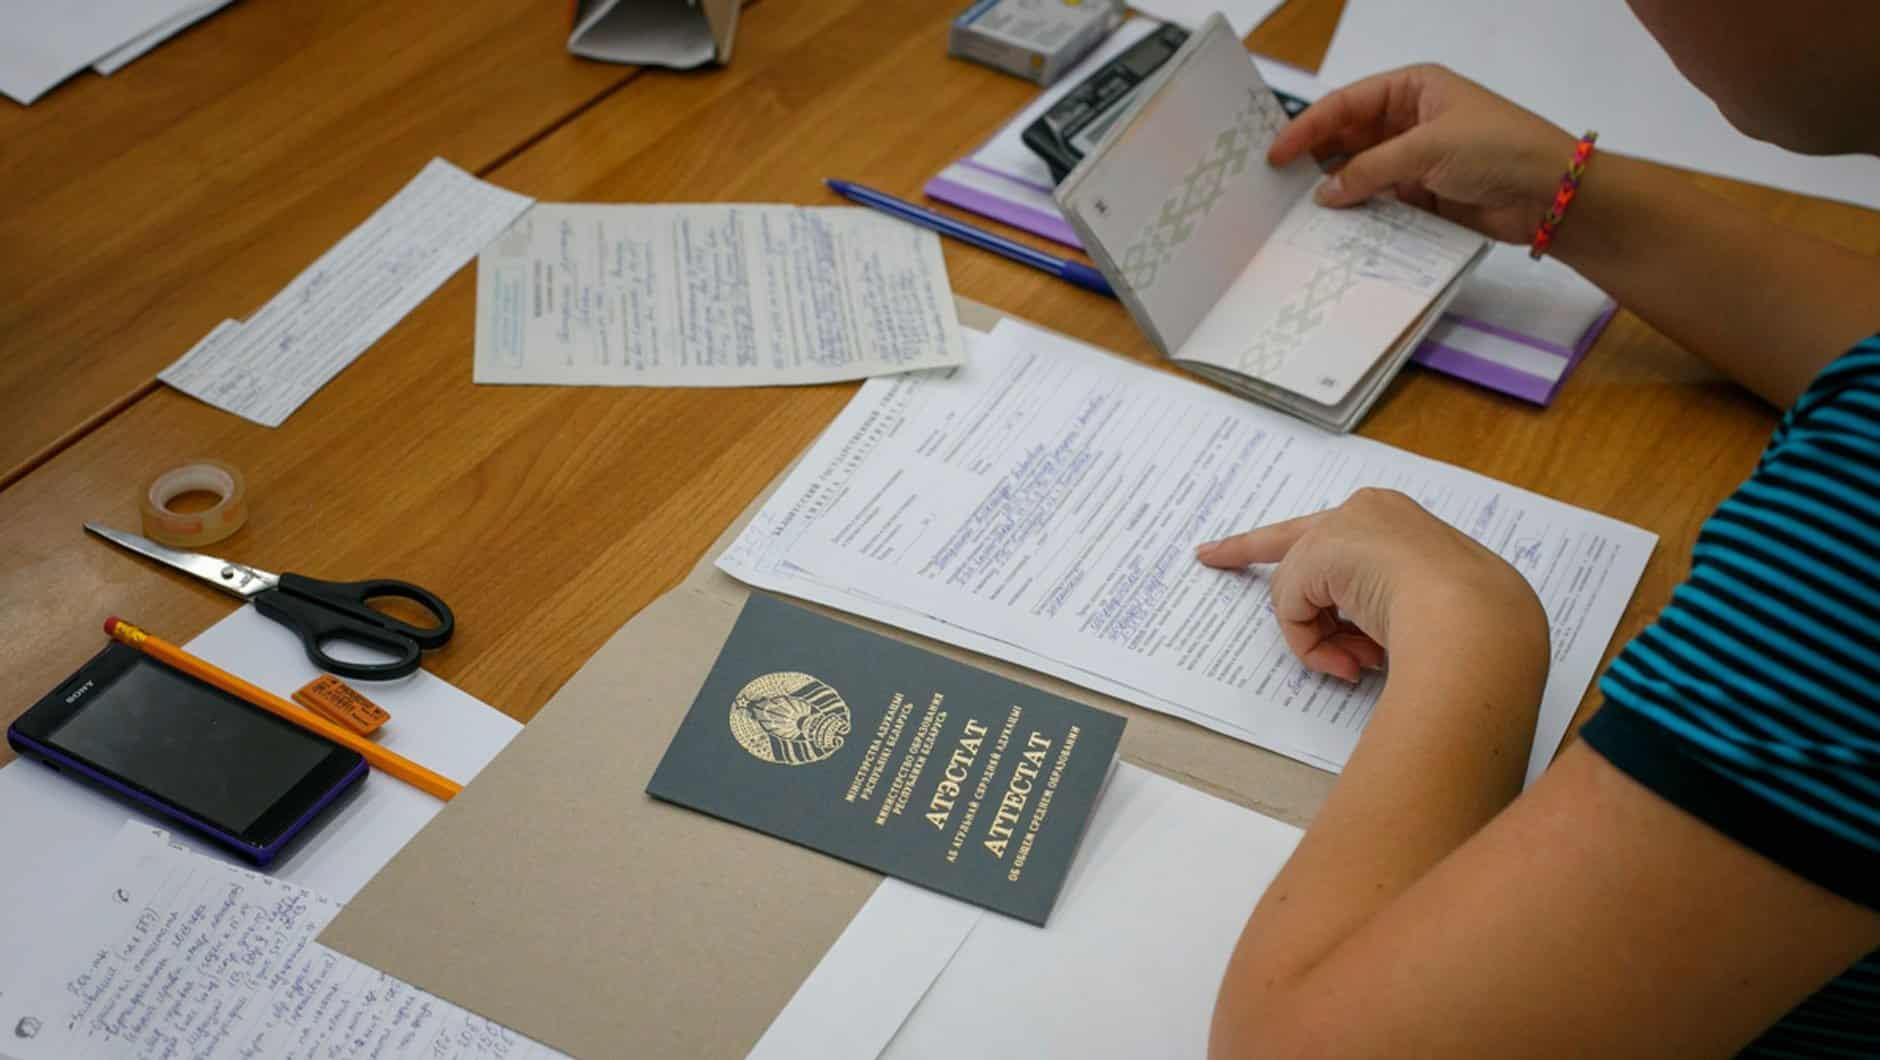 В 2020 можно будет подать документы в несколько ВУЗов одновременно, количество уточнят эксперты